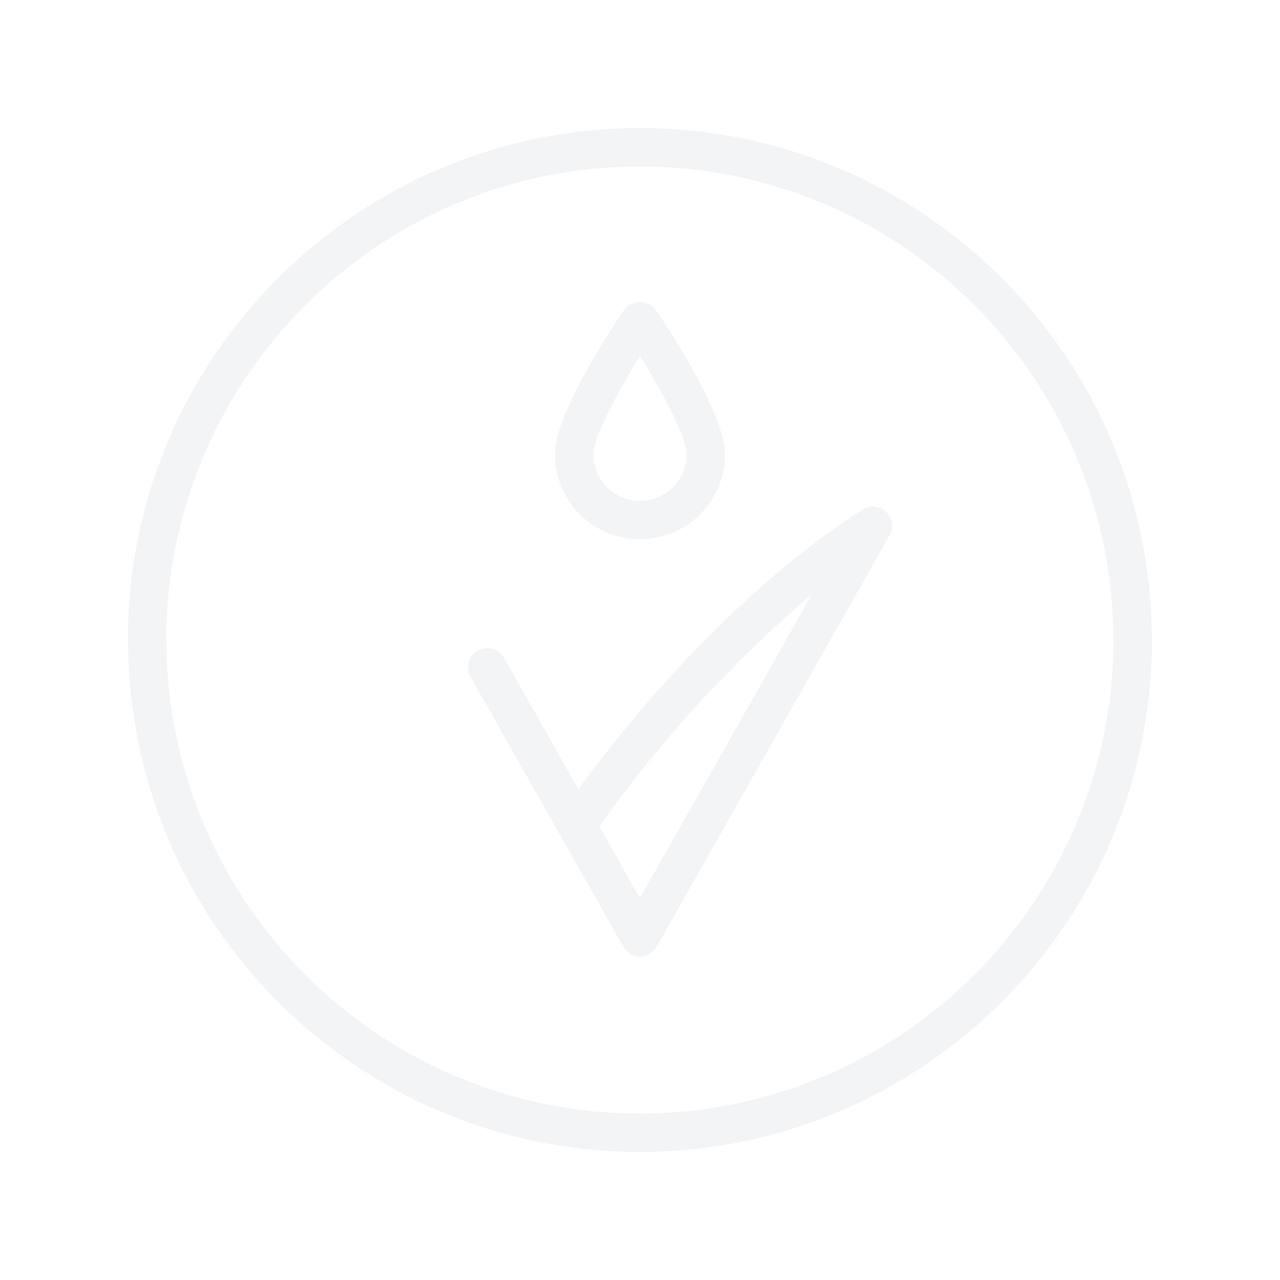 GUCCI Guilty Absolute Pour Homme 50ml Eau De Parfum Gift Set